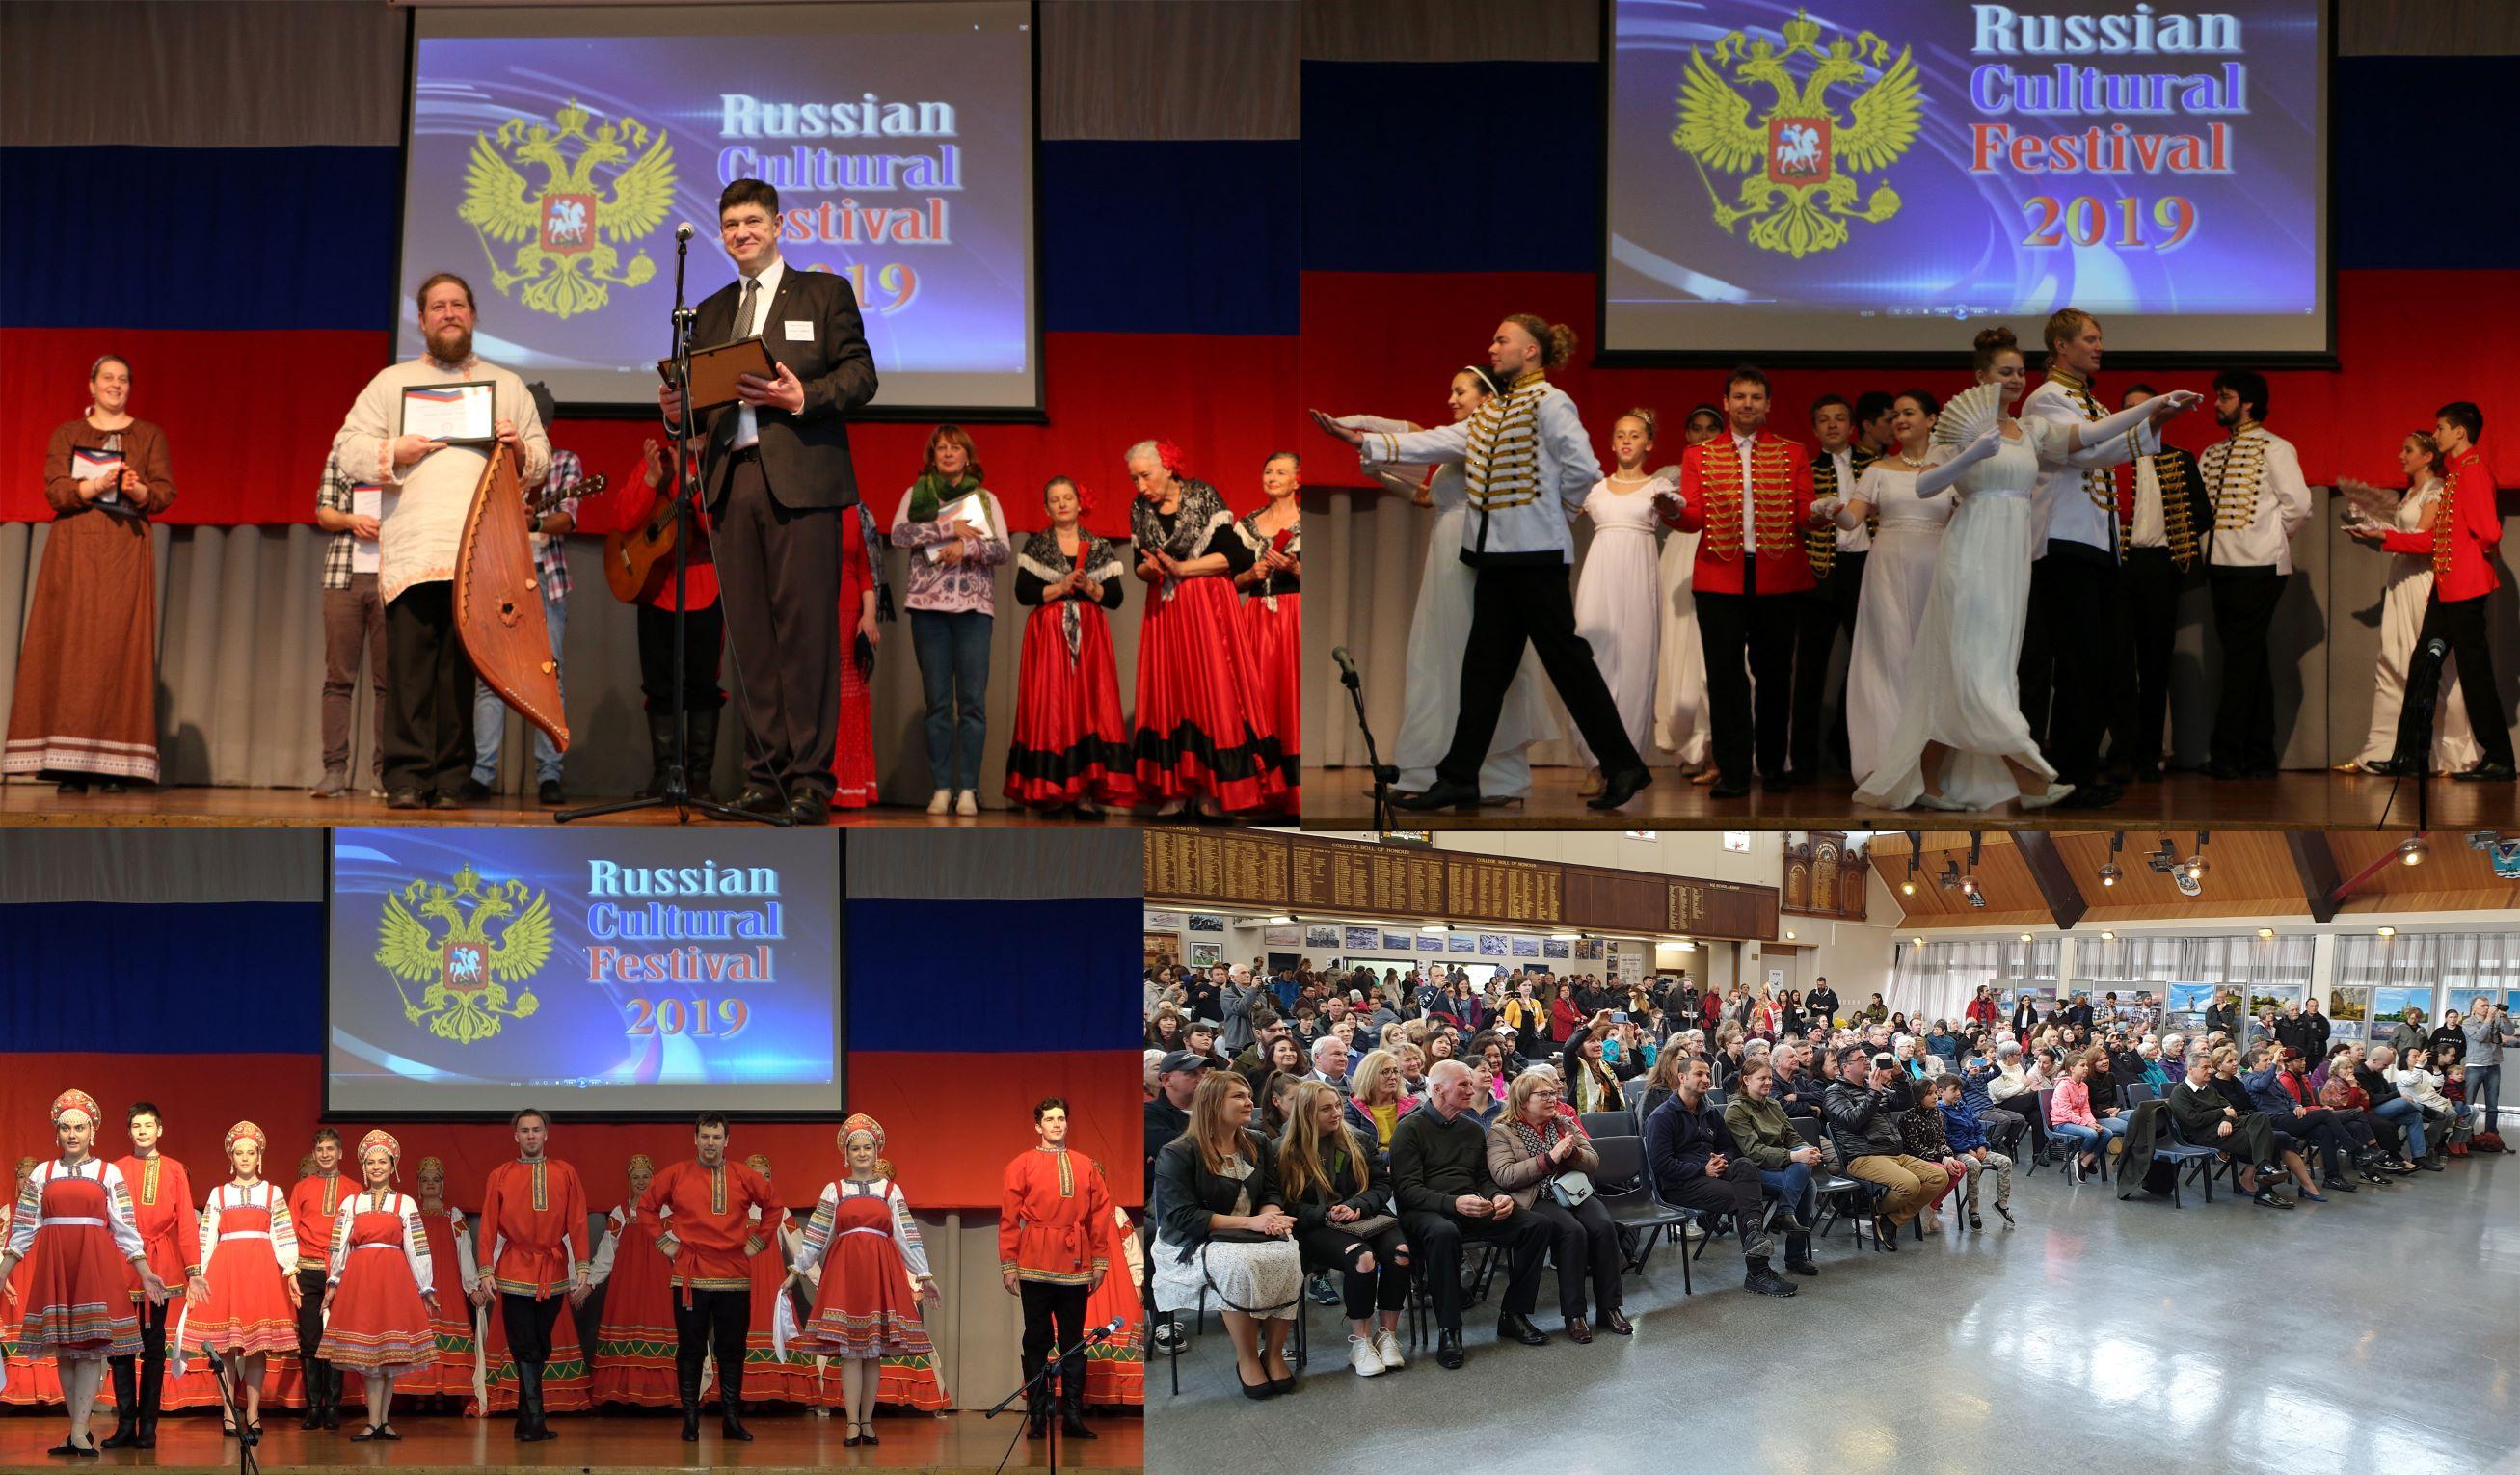 Впечатления от Русского Фестиваля в Веллингтоне 2019